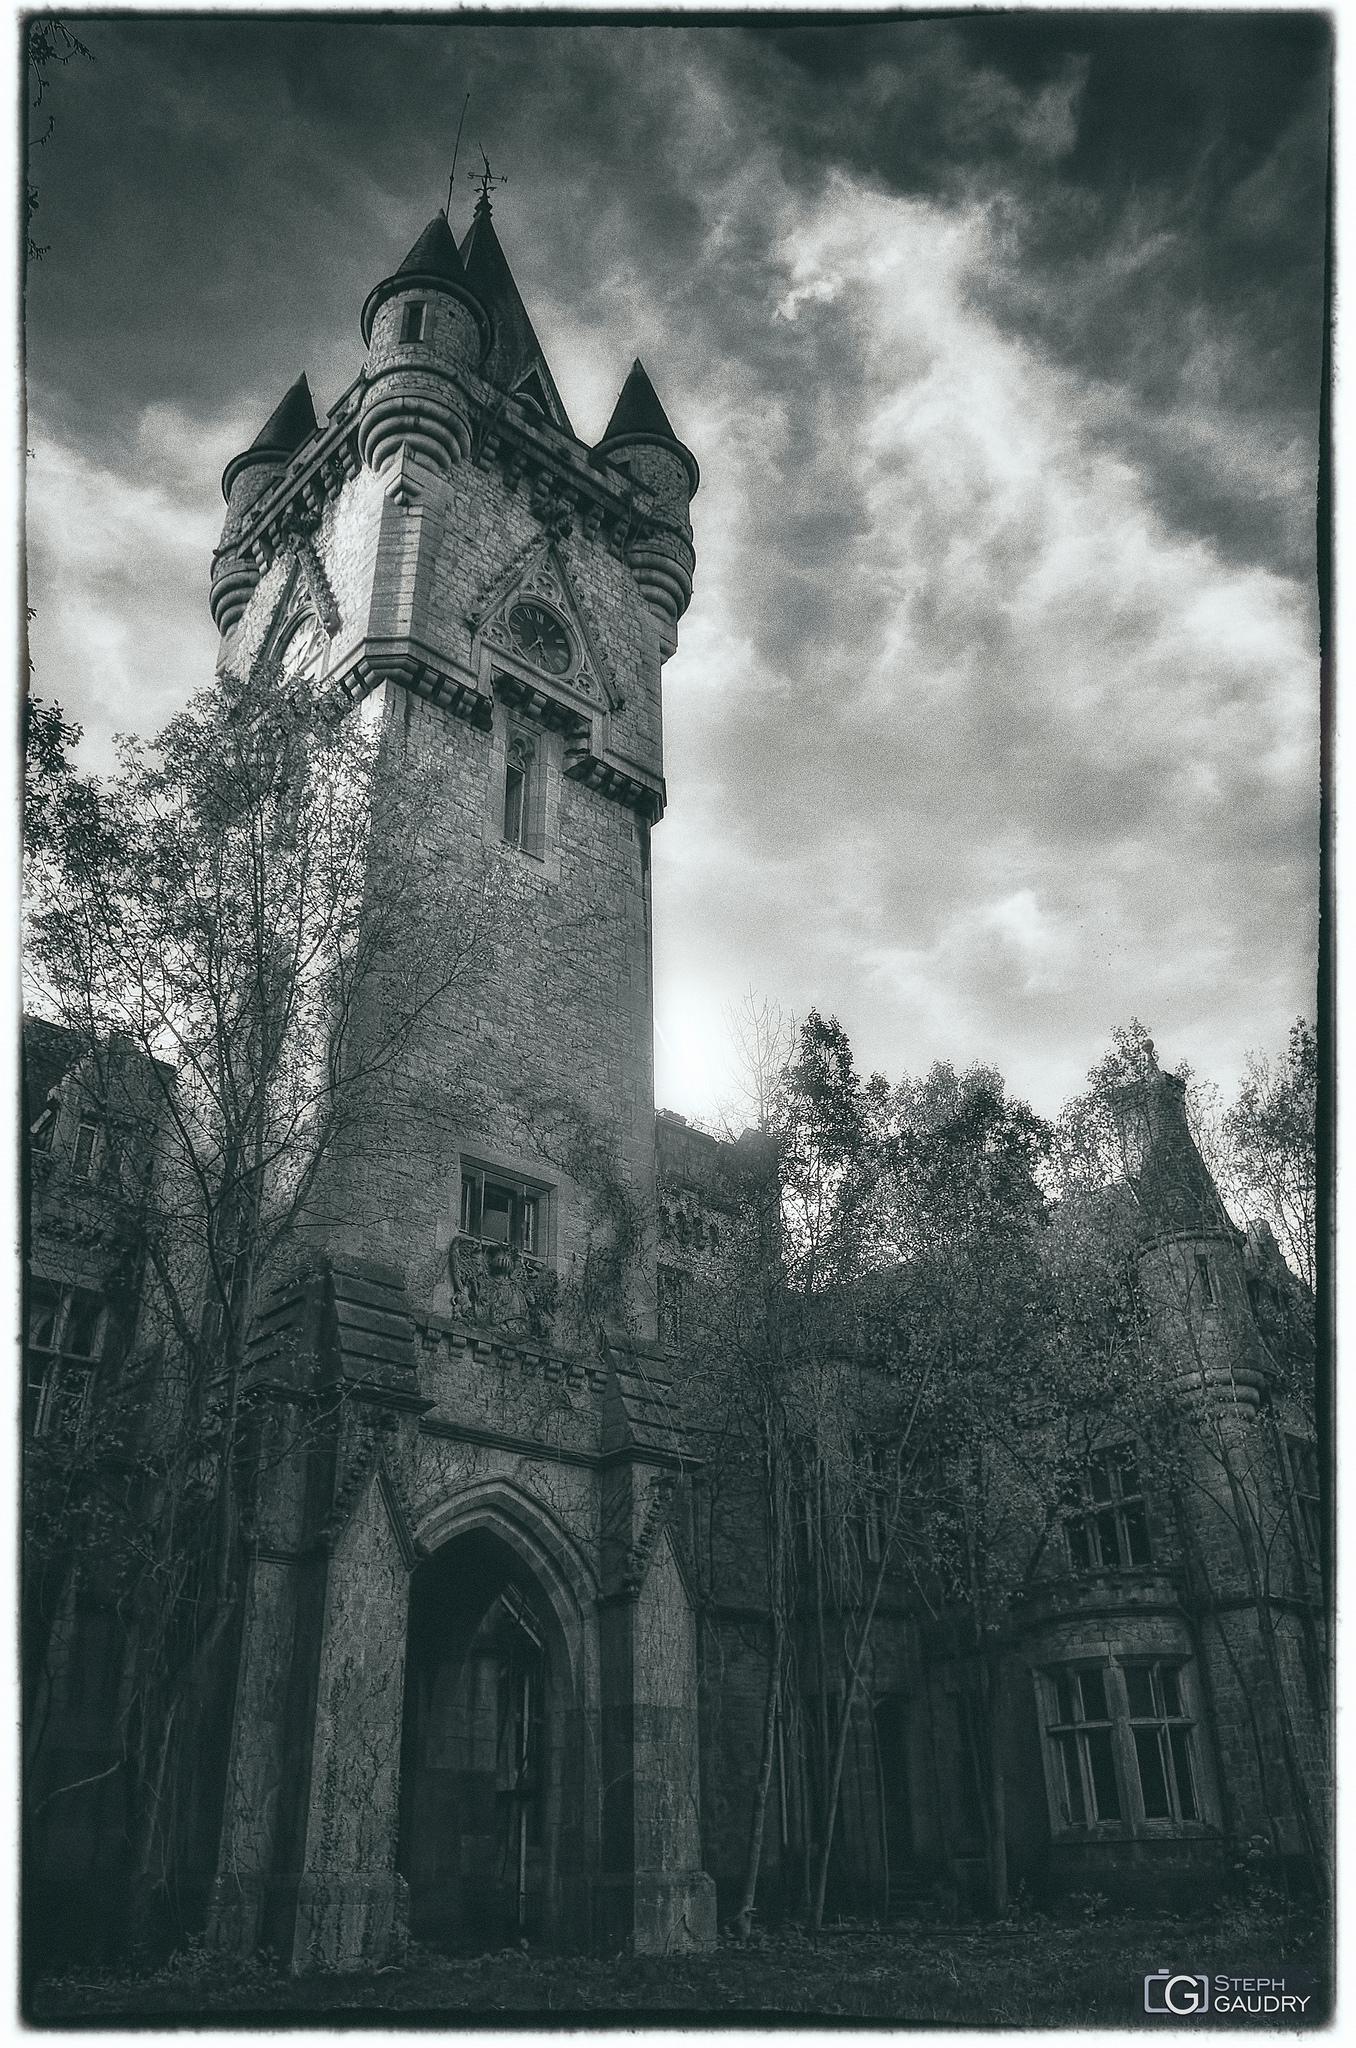 Photo vintage de la tour de l'horloge du château de Noisy [Click to start slideshow]